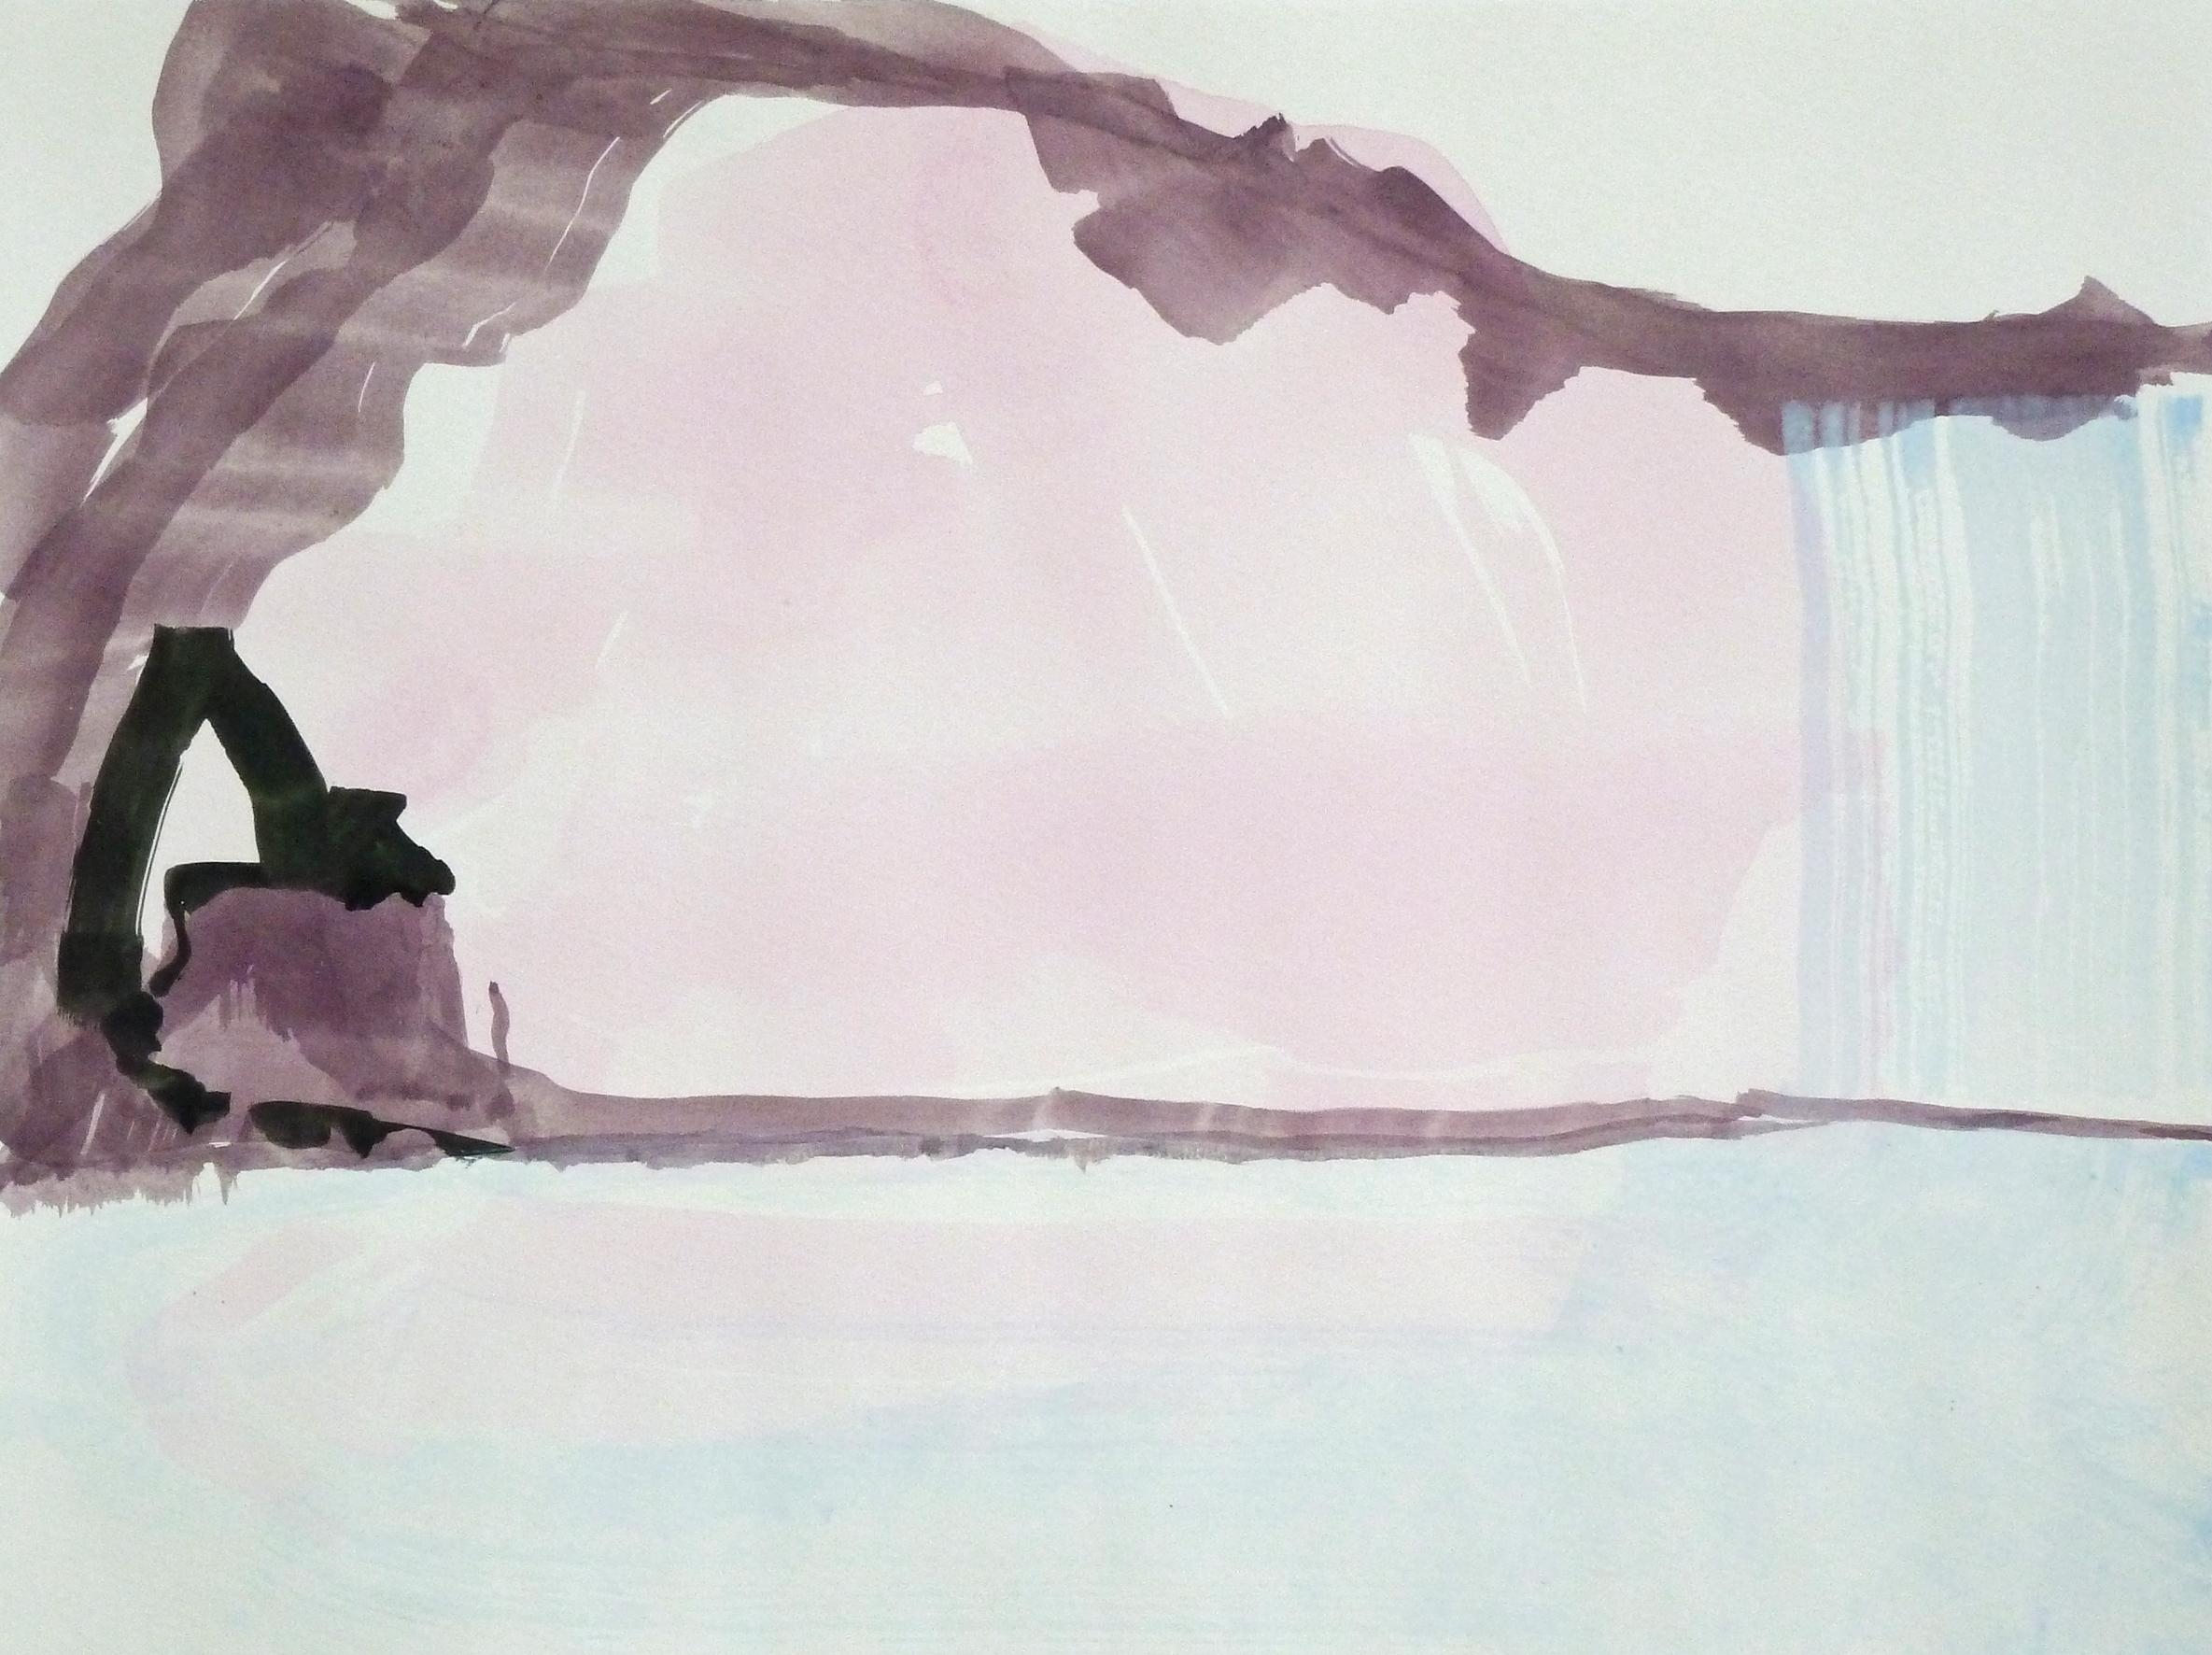 Wasserfall, 2011, Acryl auf Papier, 36 x 48 cm © Uta Weil, VG Bild-Kunst, Bonn